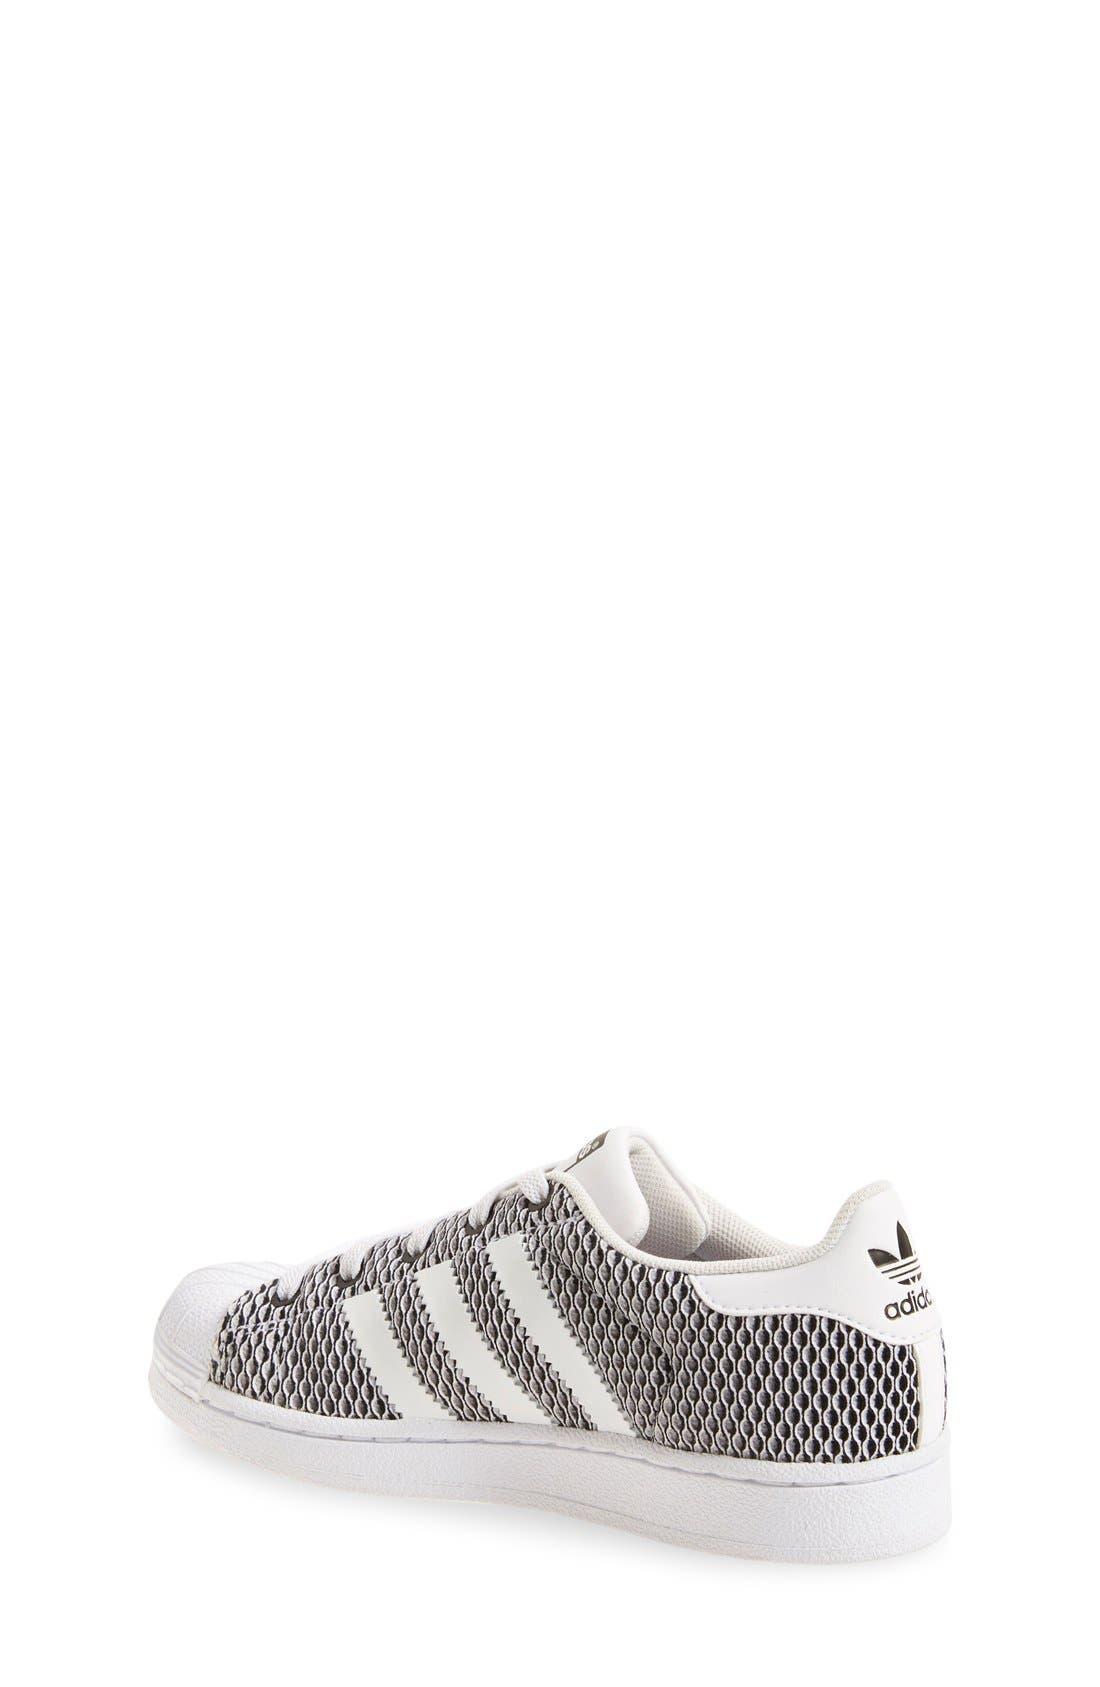 Alternate Image 2  - adidas 'Superstar - Color Shift' Sneaker (Baby, Walker, Toddler, Little Kid & Big Kid)